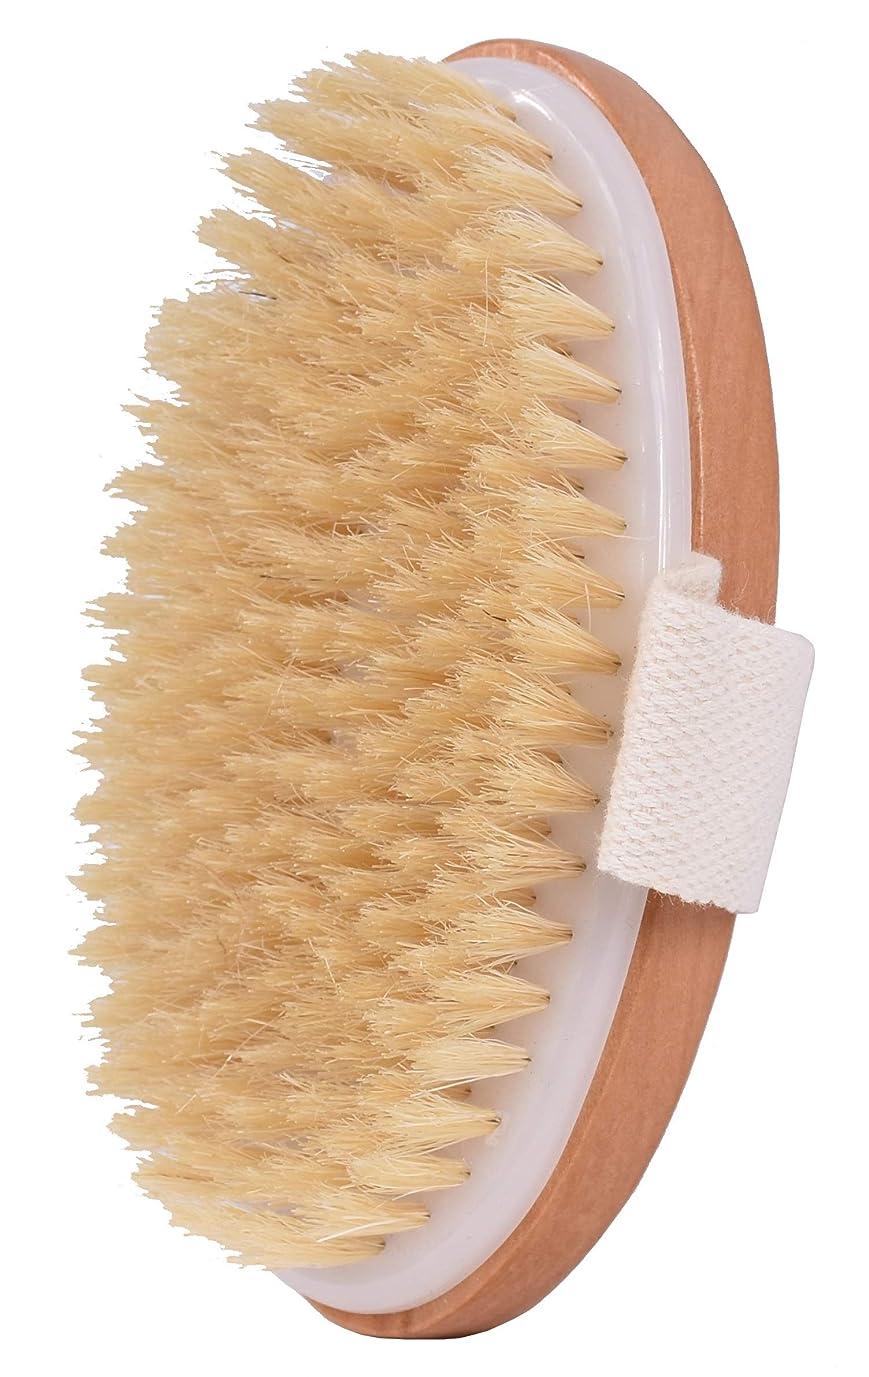 一掃する雨名目上のボディブラシ 100%天然高級な豚毛マッサージ バス用品 竹製シャワーブラシ お風呂用体洗い角質除去 美肌効果 血液循環を改善し、健康と美容に良い